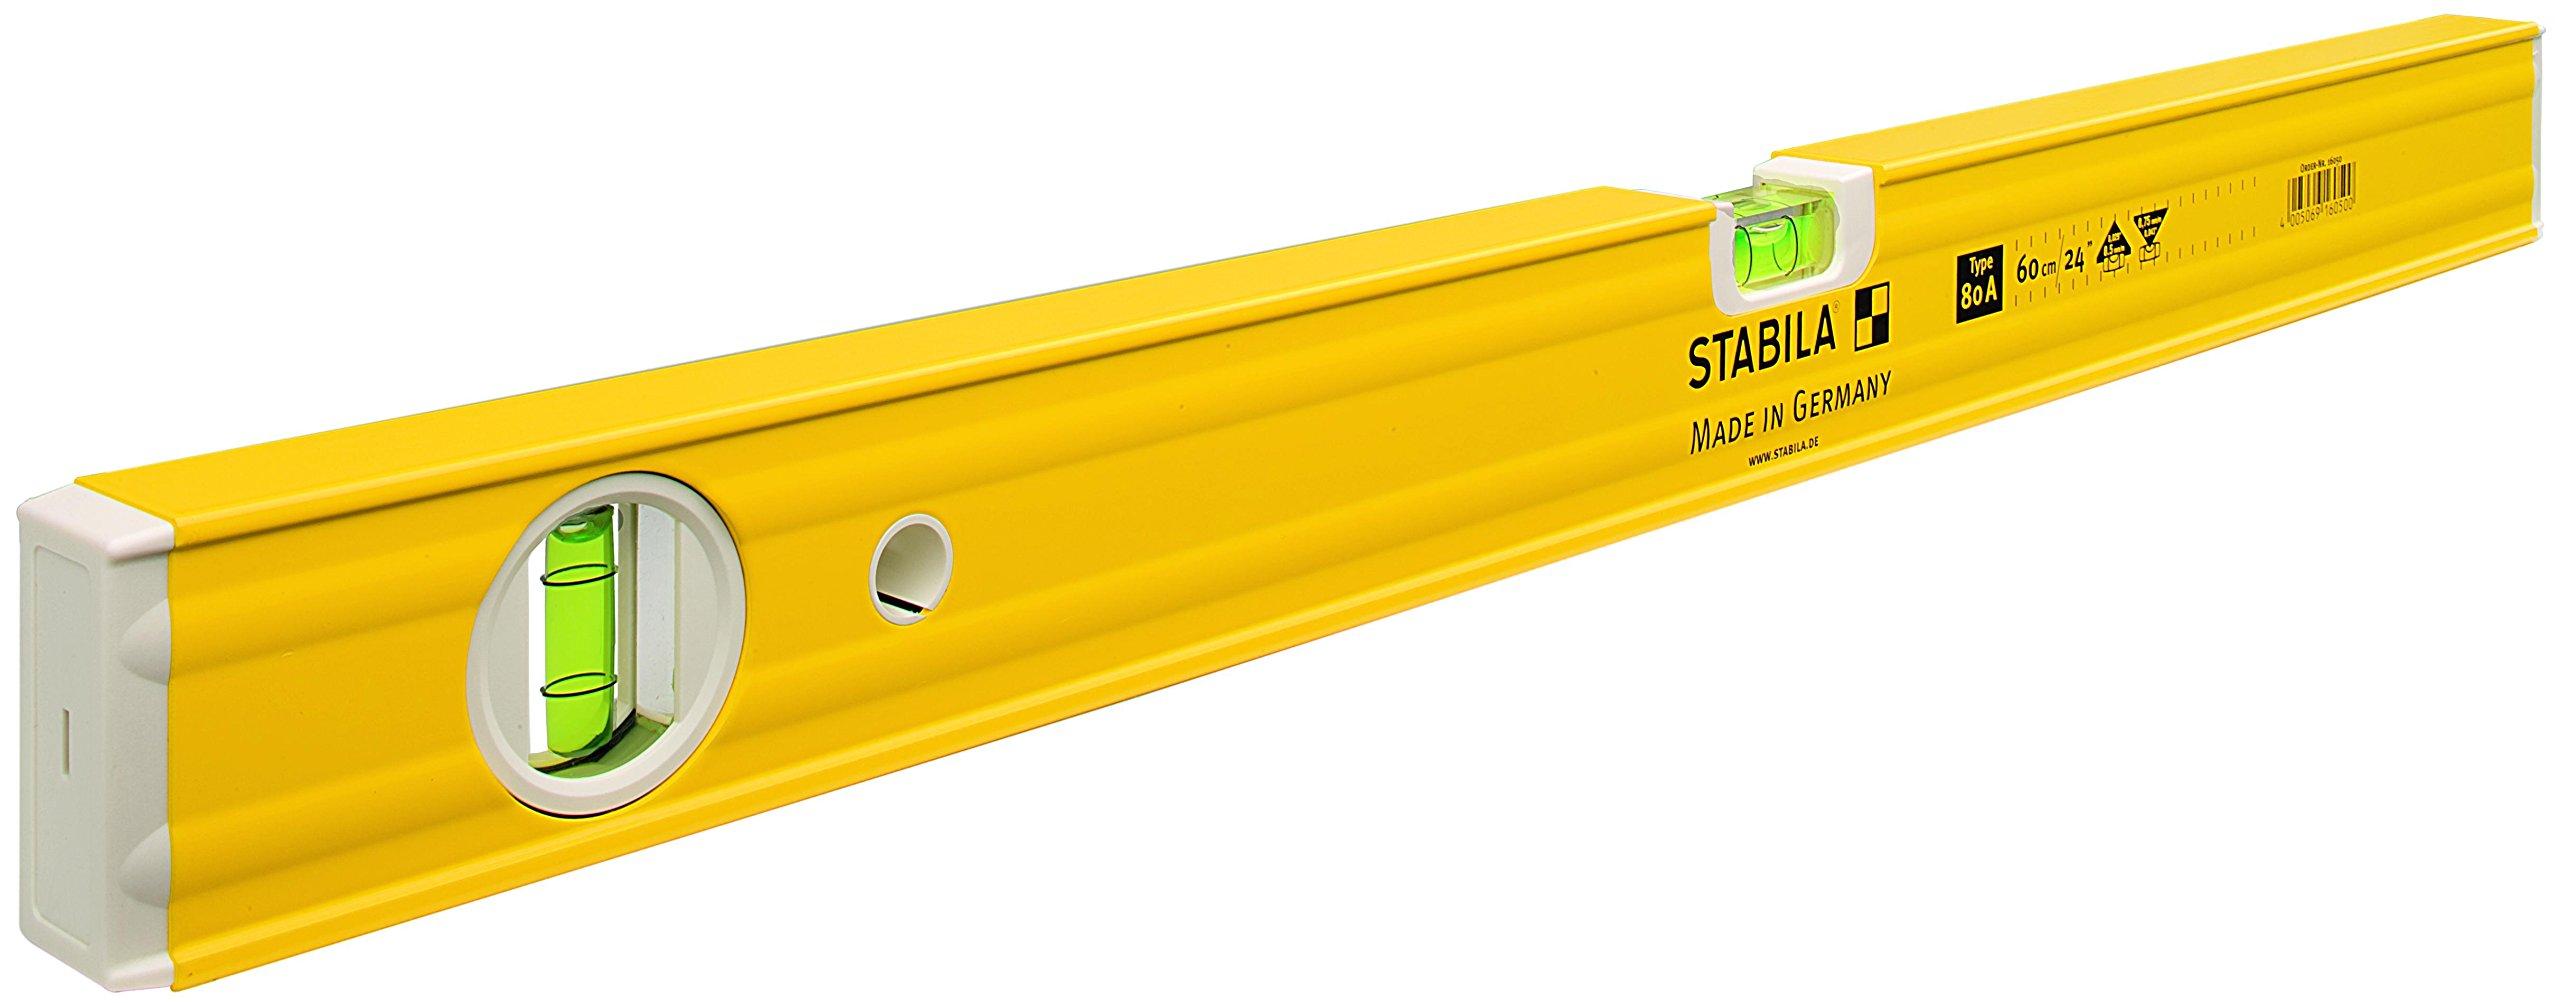 Stabila - 80An Level 2 Vial 80Cm 16051